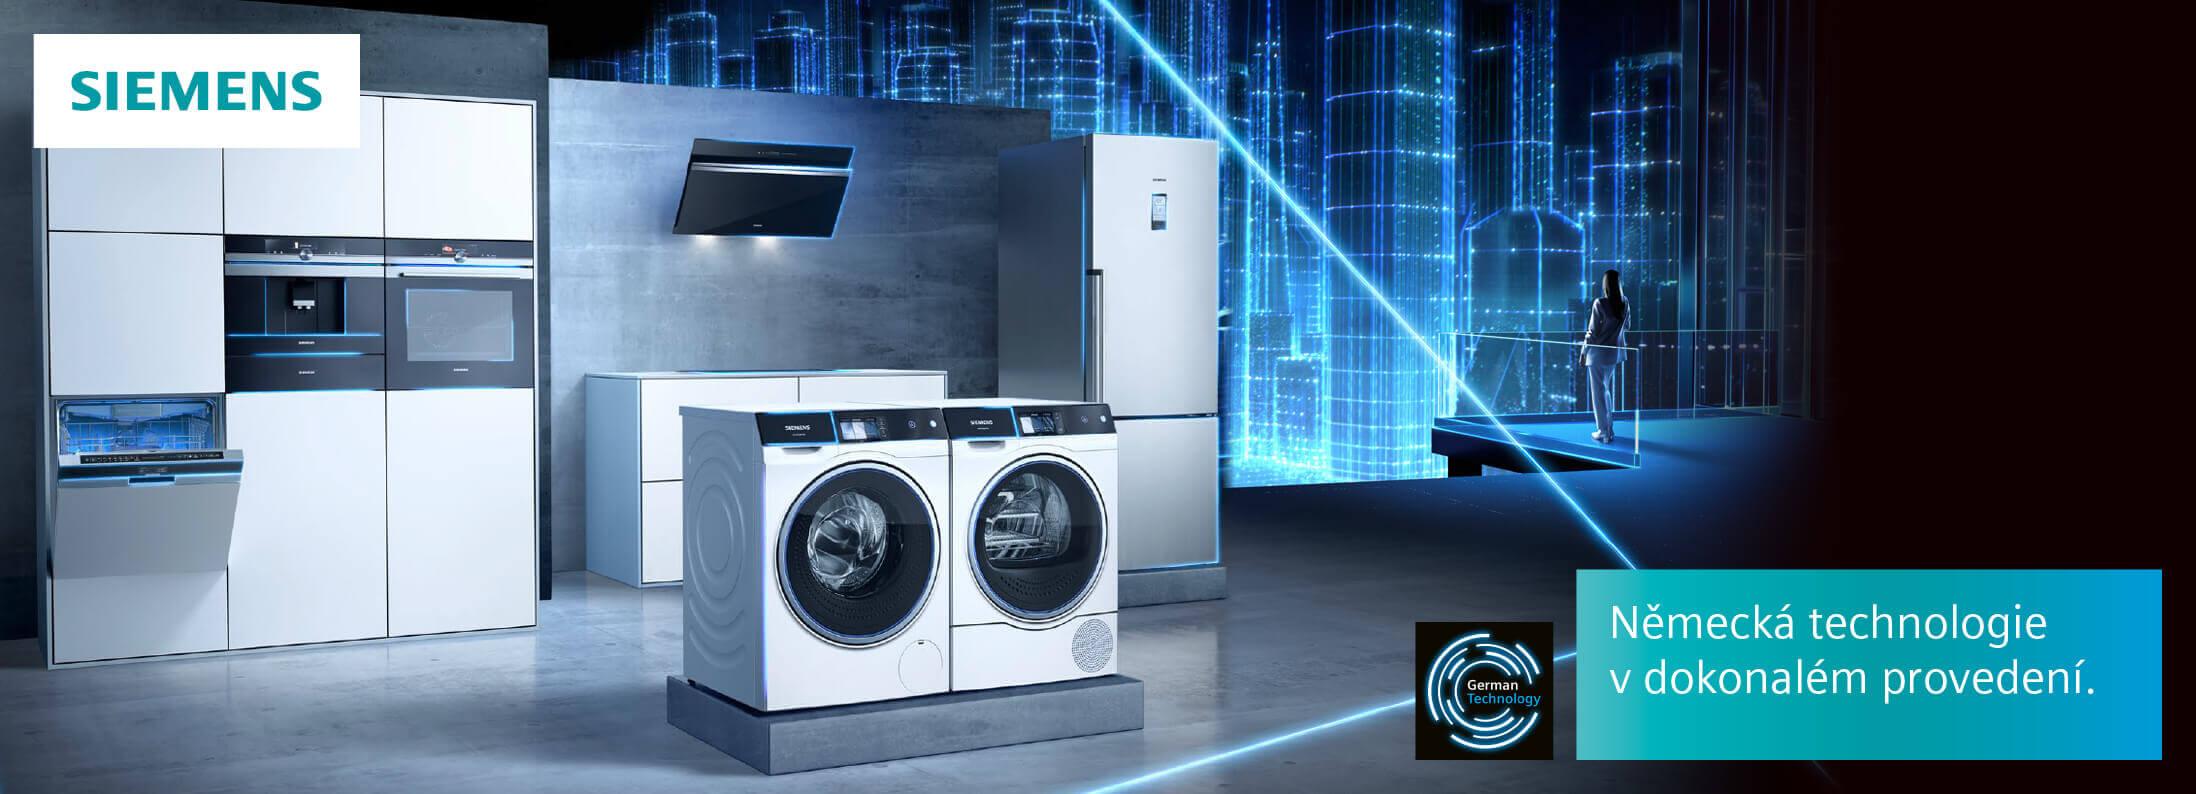 Siemens - Německá technologie v dokonalém provedení